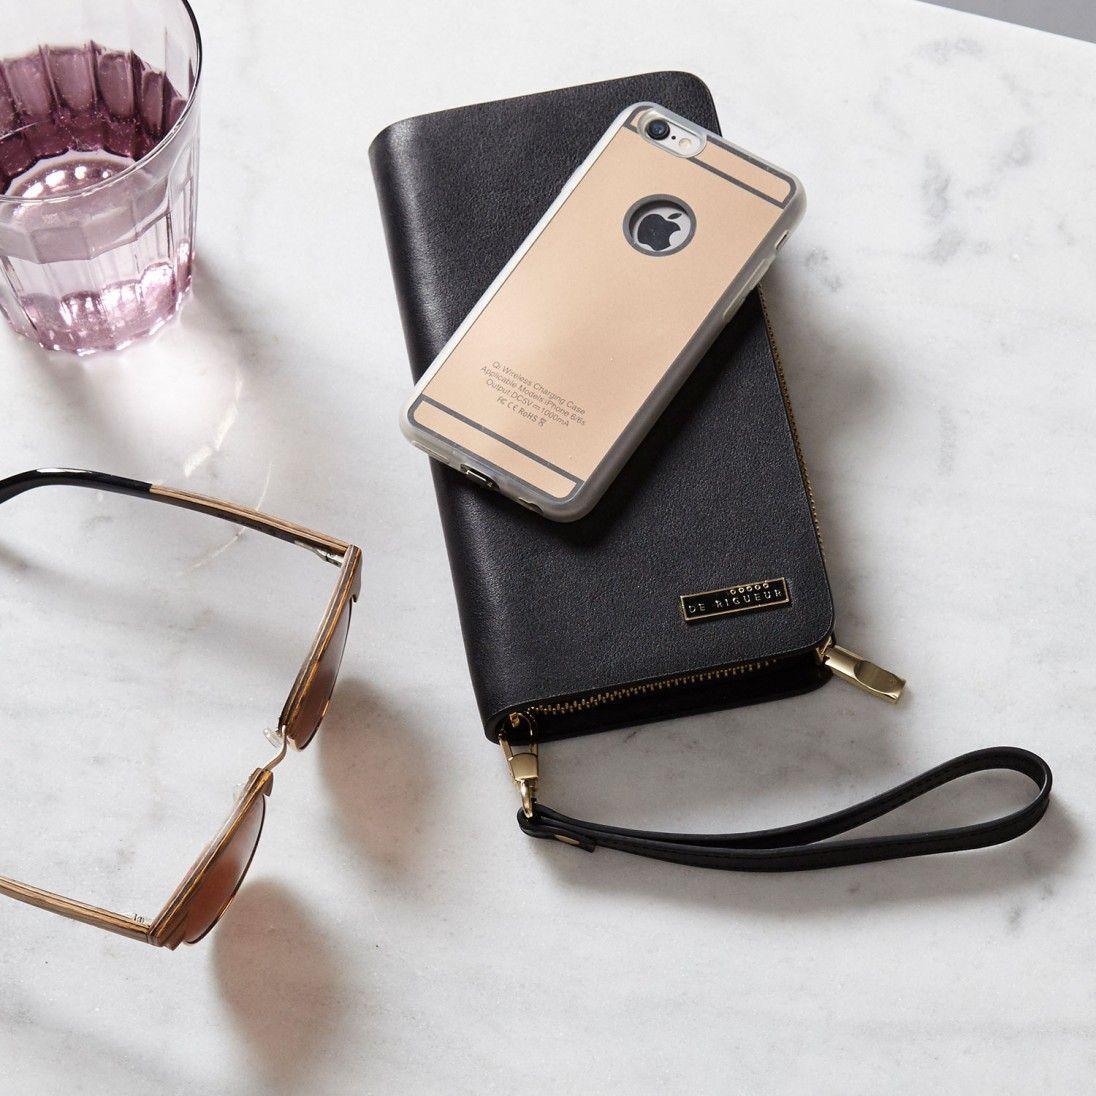 Portefeuille Batterie Externe L'Essentiel Iphone - De Rigueur